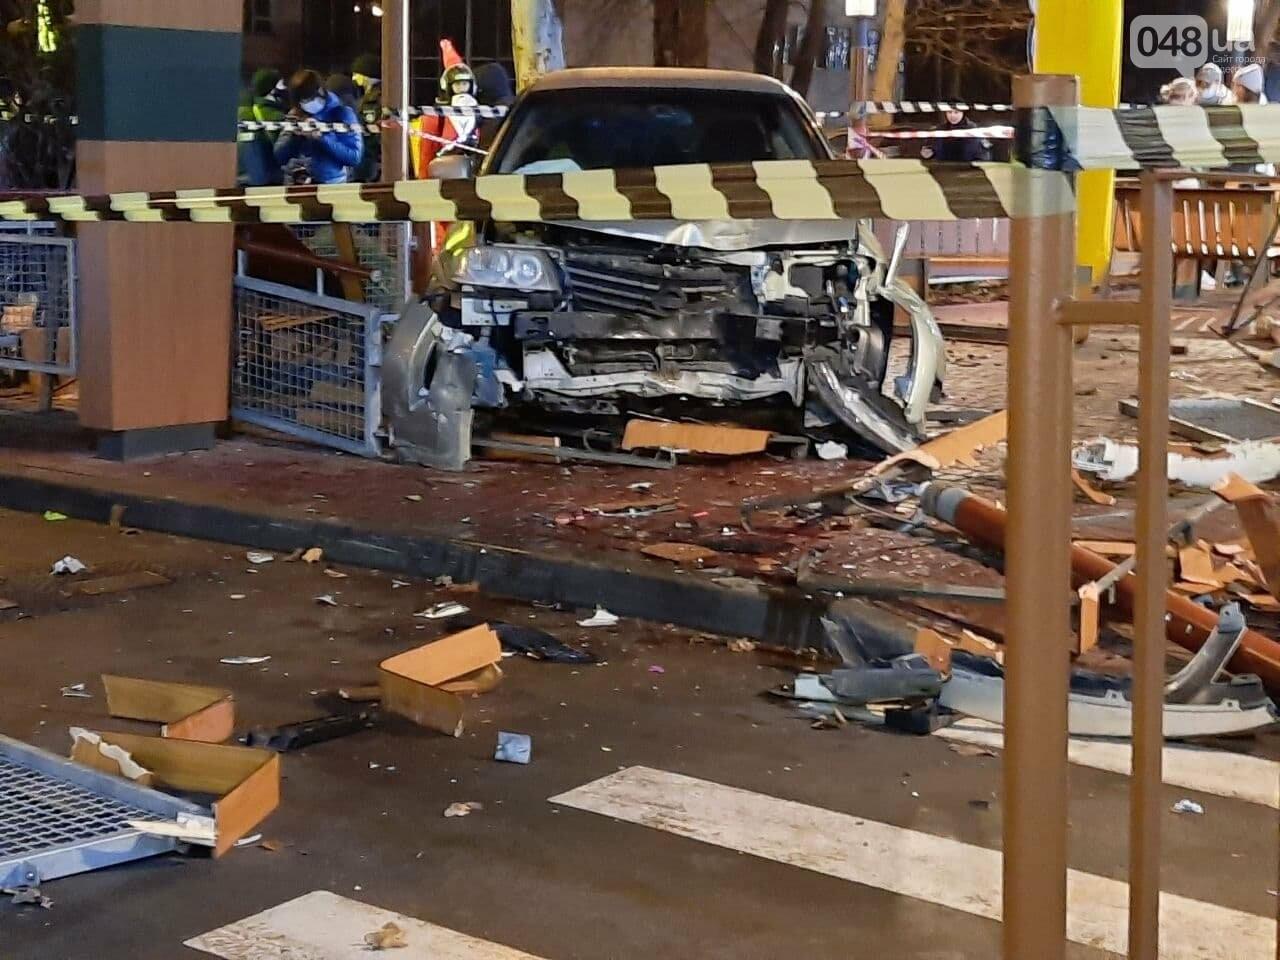 Стало плохо за рулём: в полиции прокомментировали резонансное ДТП в Одессе, - ФОТО, ВИДЕО, фото-1